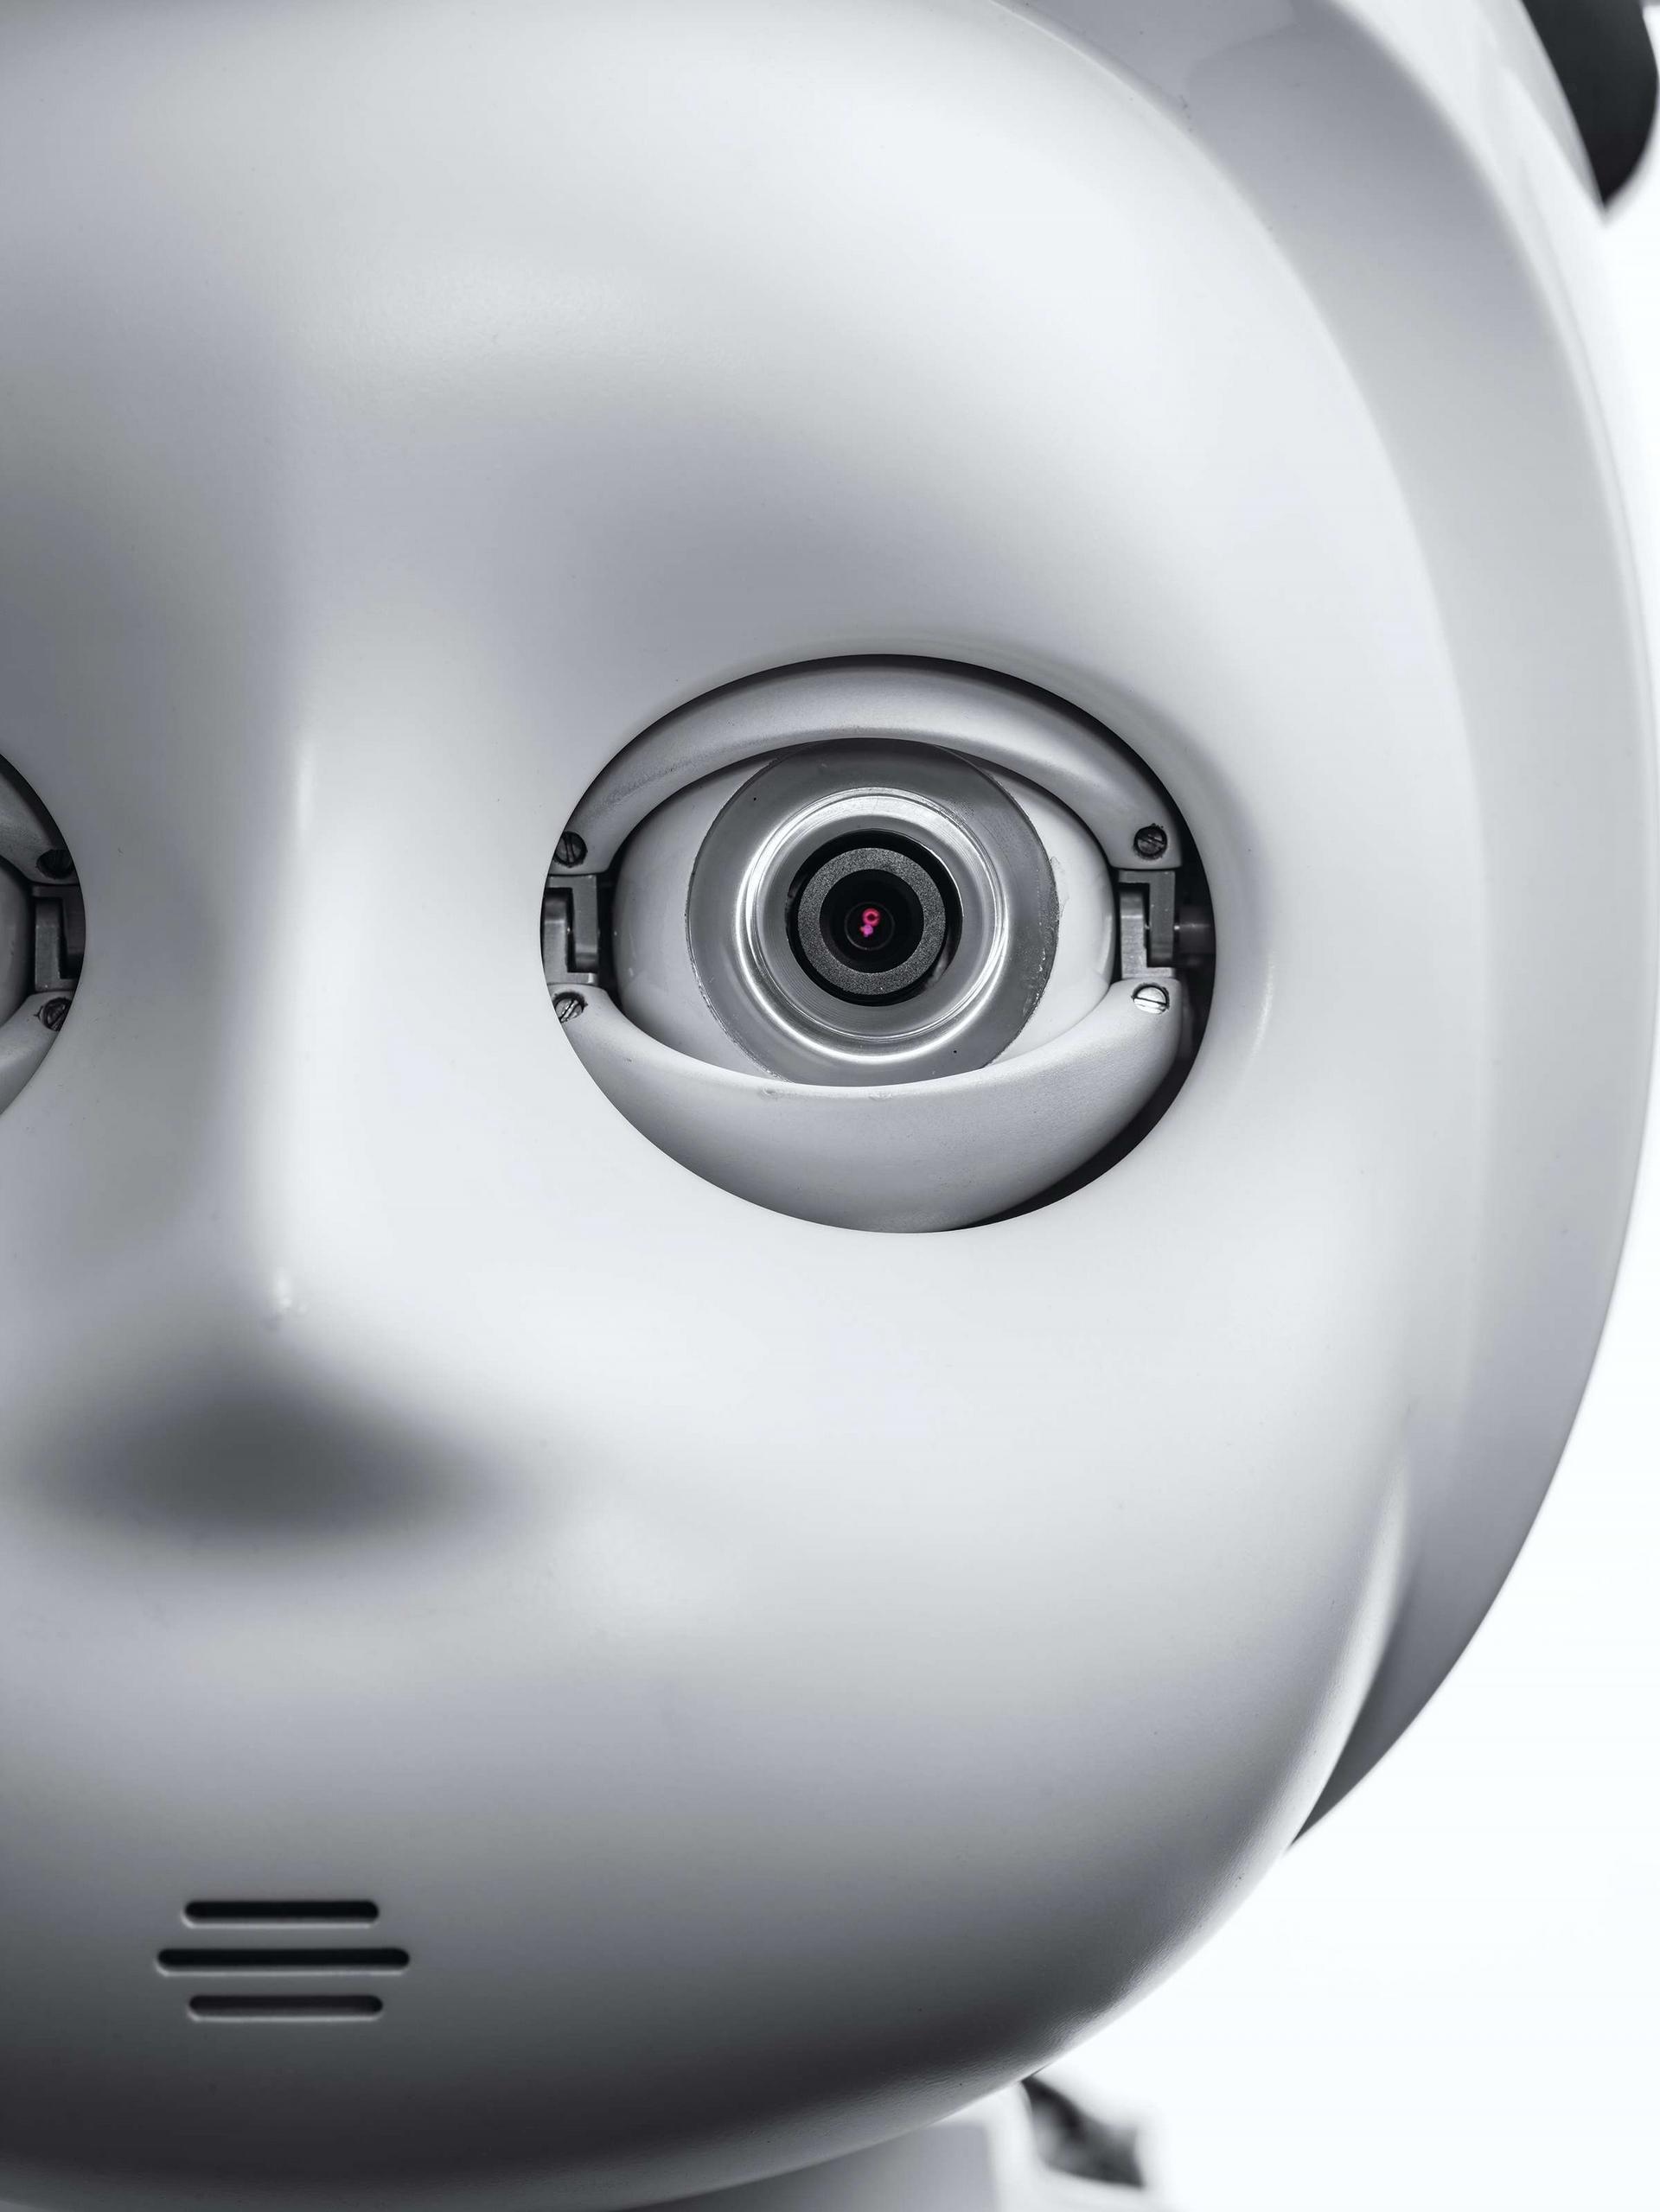 有些人則認為像Curi這樣的機器人讓人比較自在,它來自喬治亞理工學院的社會智能機械實驗室。他們說如果機器人太像人類,人類的接受度會因為「恐怖谷」效應而大幅降低。這個詞由森政弘發明,指的是當機器人不像一個高效能機器,反而更像似人非人(或屍體)的模樣時,我們所產生的不安感。Photo by SPENCER LOWELL(史賓賽.羅威爾)